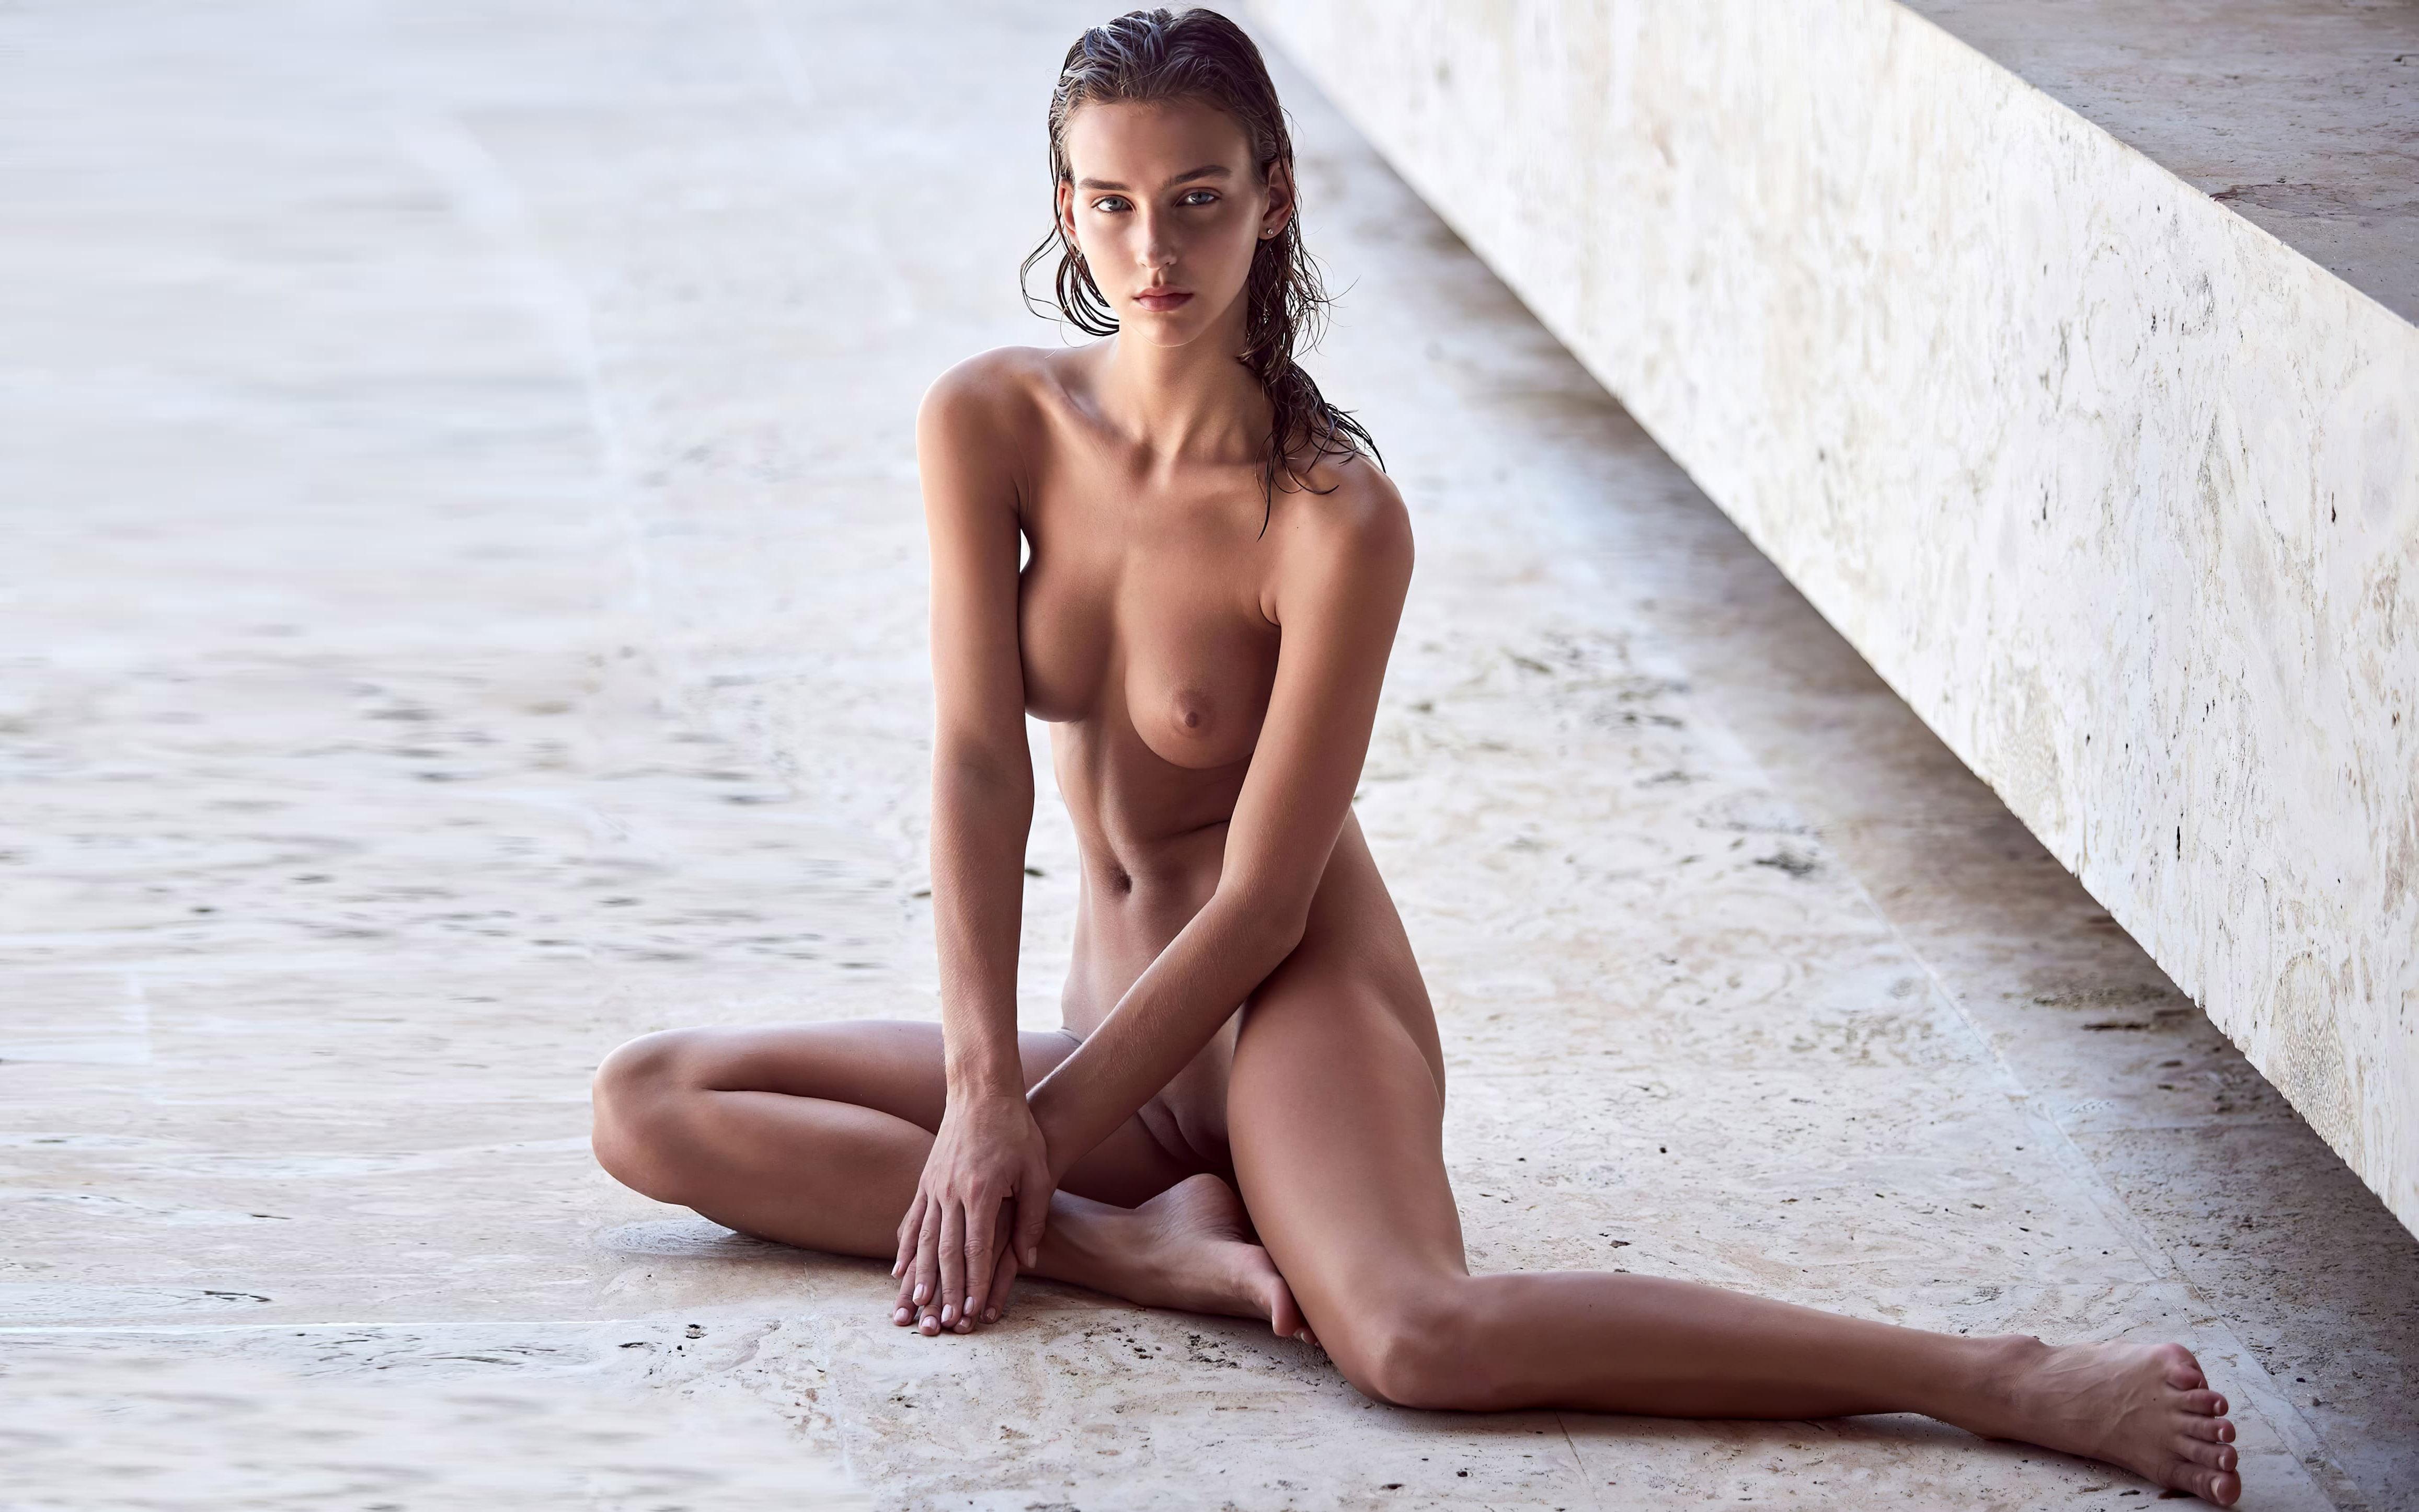 Cecilia cheung nude photos